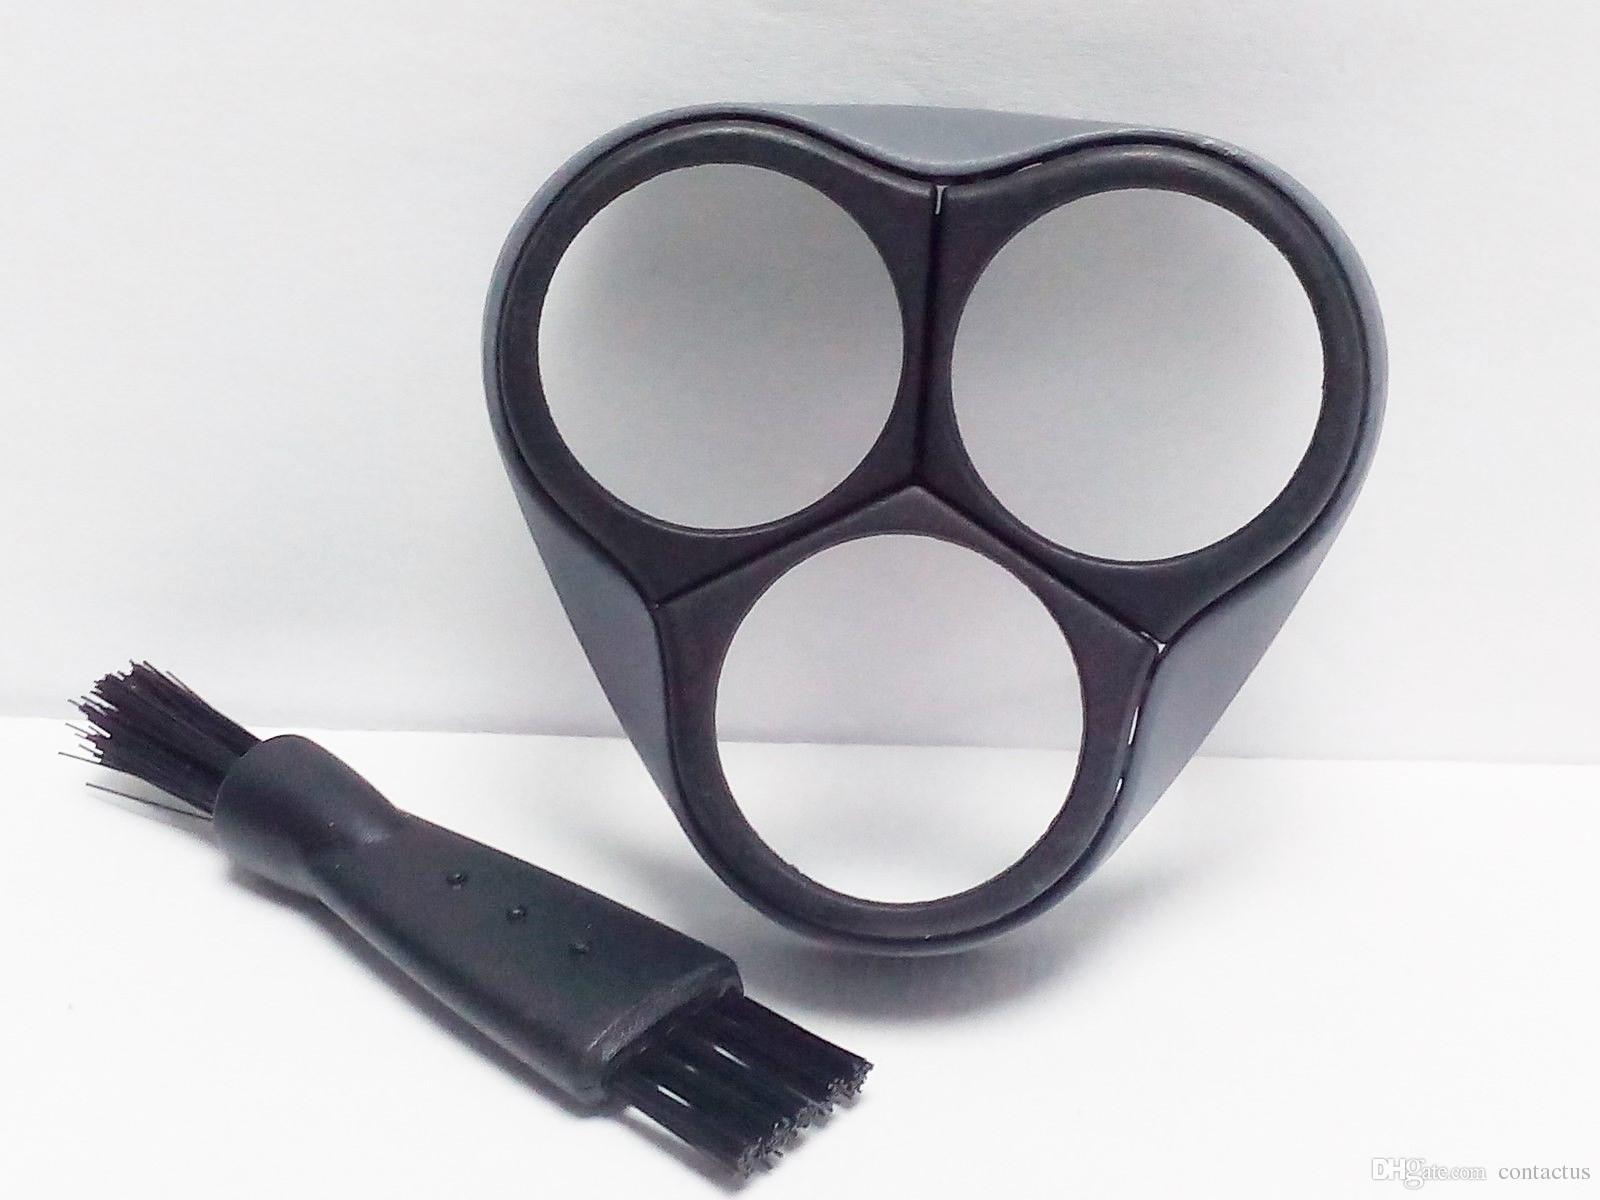 Shaver Razors Frame Holder Cover Gray Replacement For Philips Norelco HQ6605 HQ6610 HQ6640 HQ5430 HQ6859 HQ6868 HQ6874 HQ6879 HQ6646 HQ6675